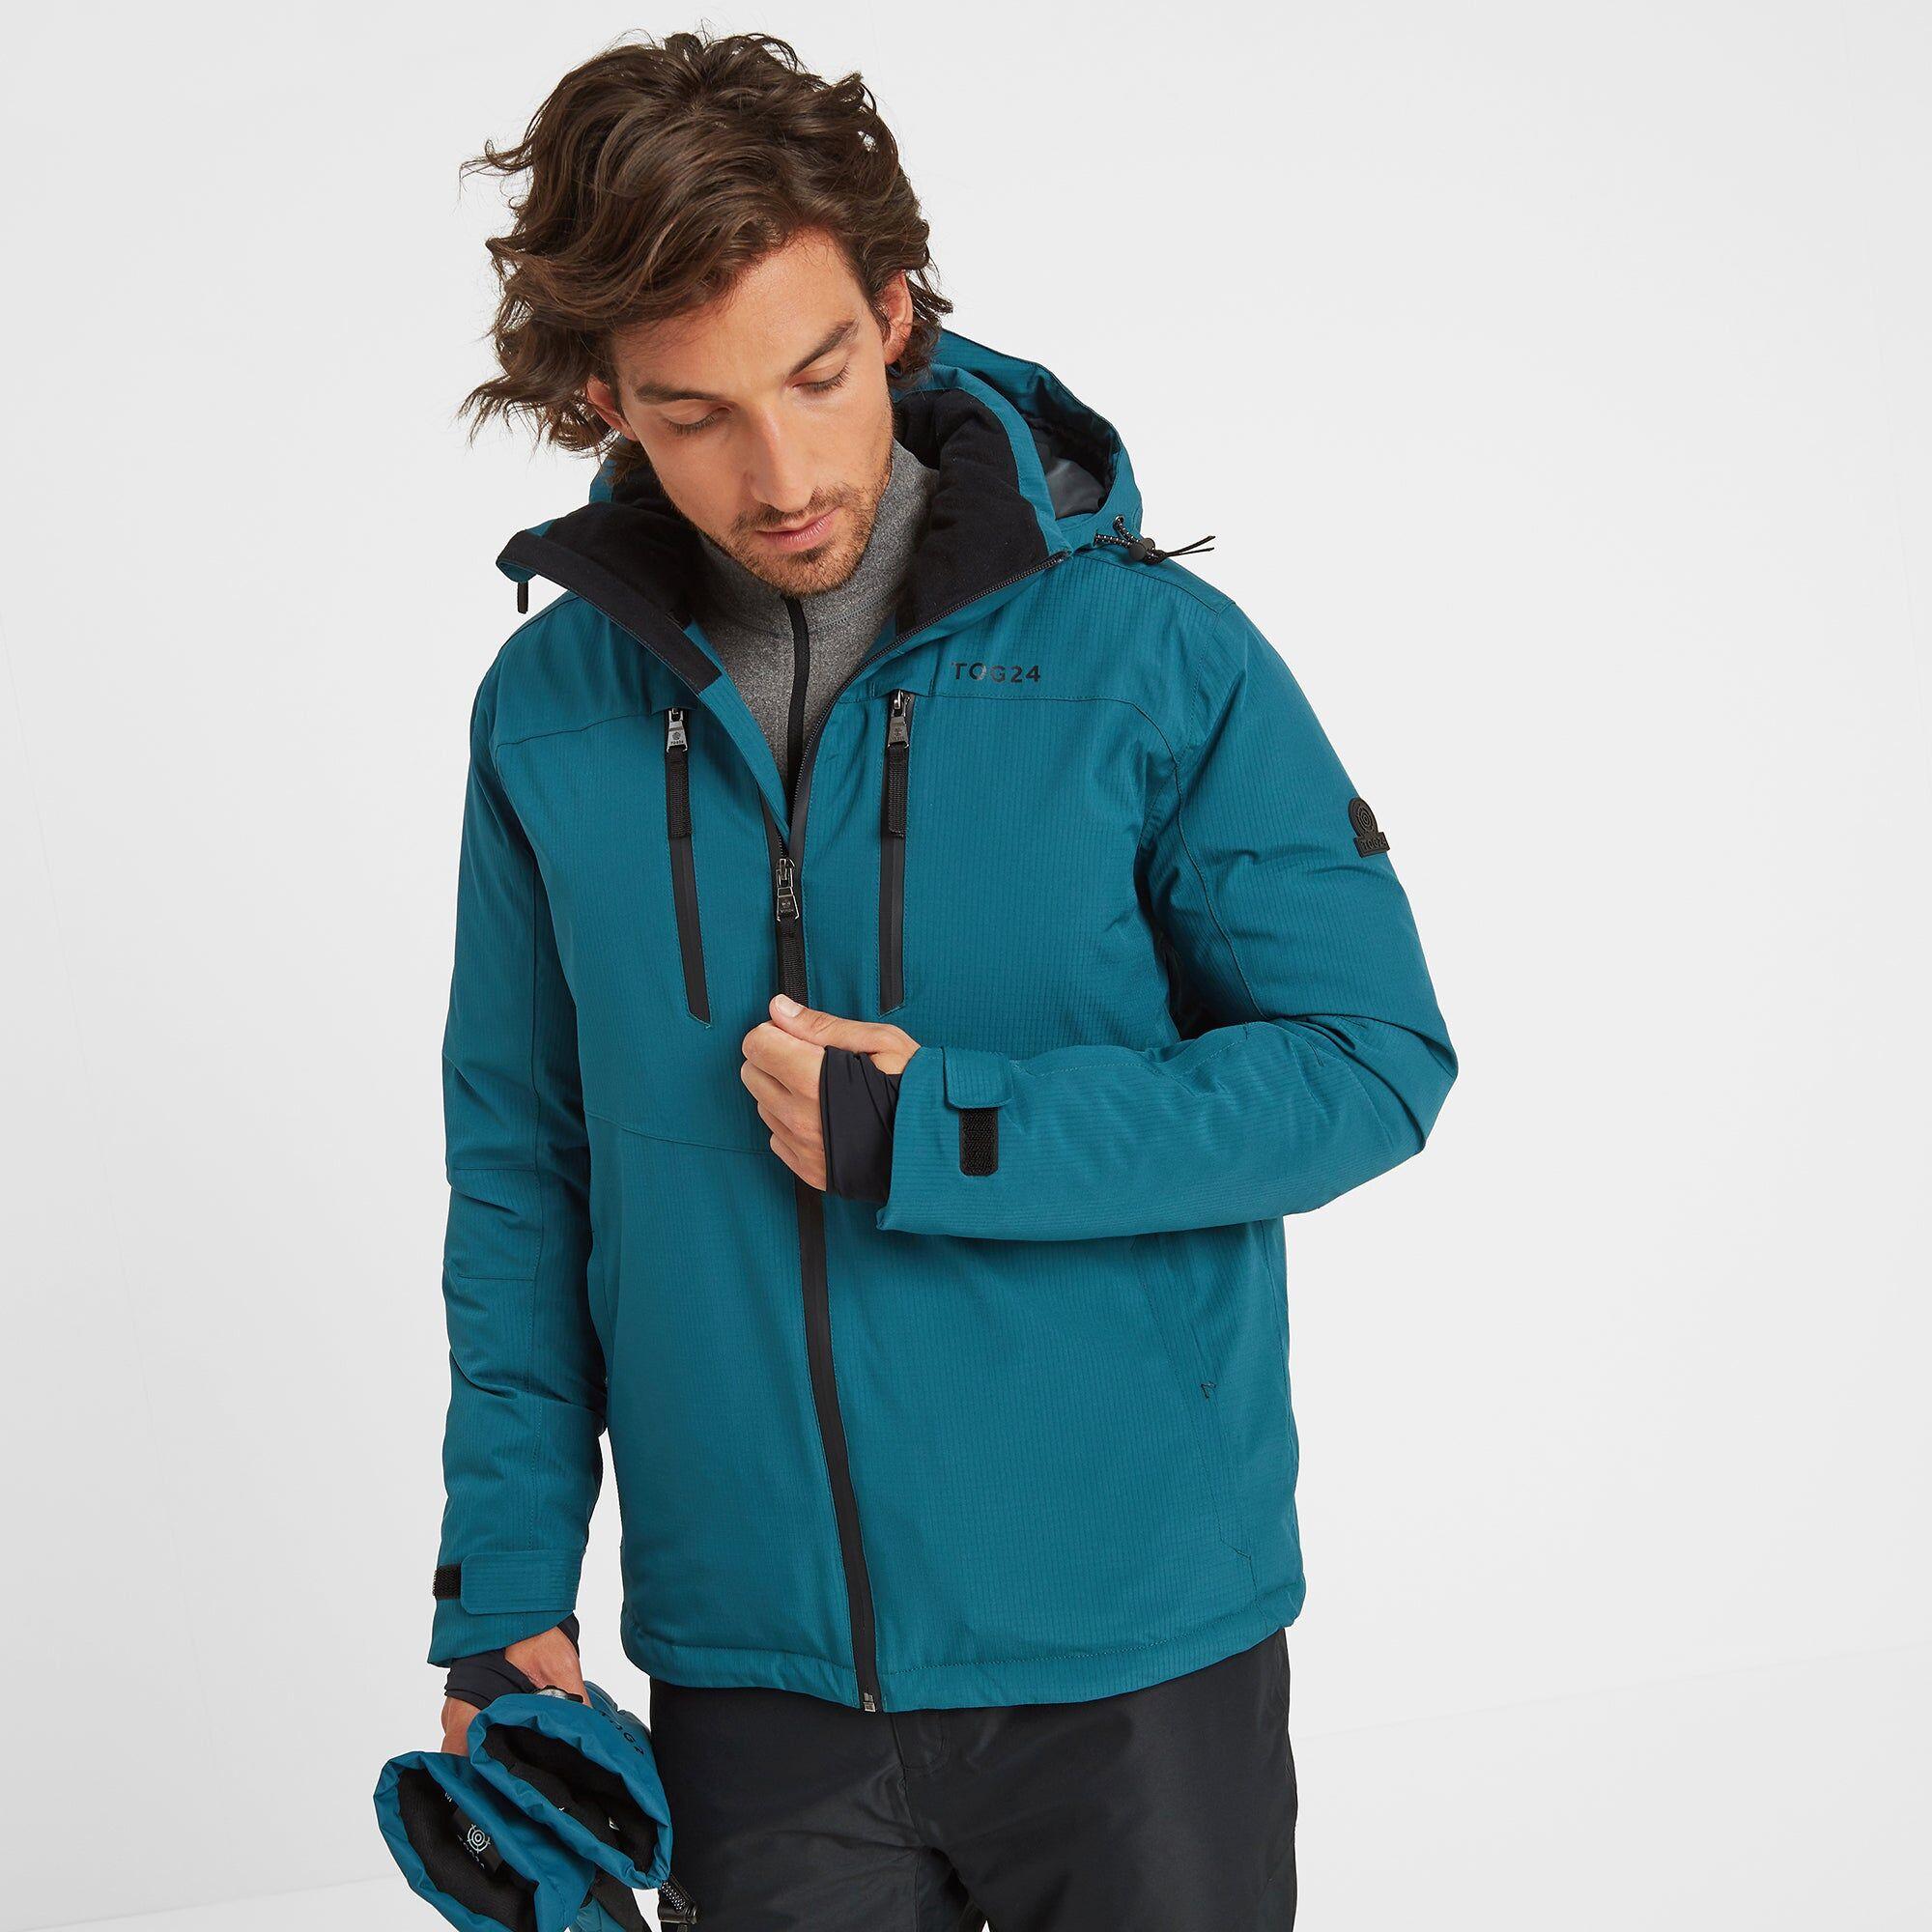 TOG24 Hawes Mens Waterproof Down Filled Ski Jacket - Lagoon - XL